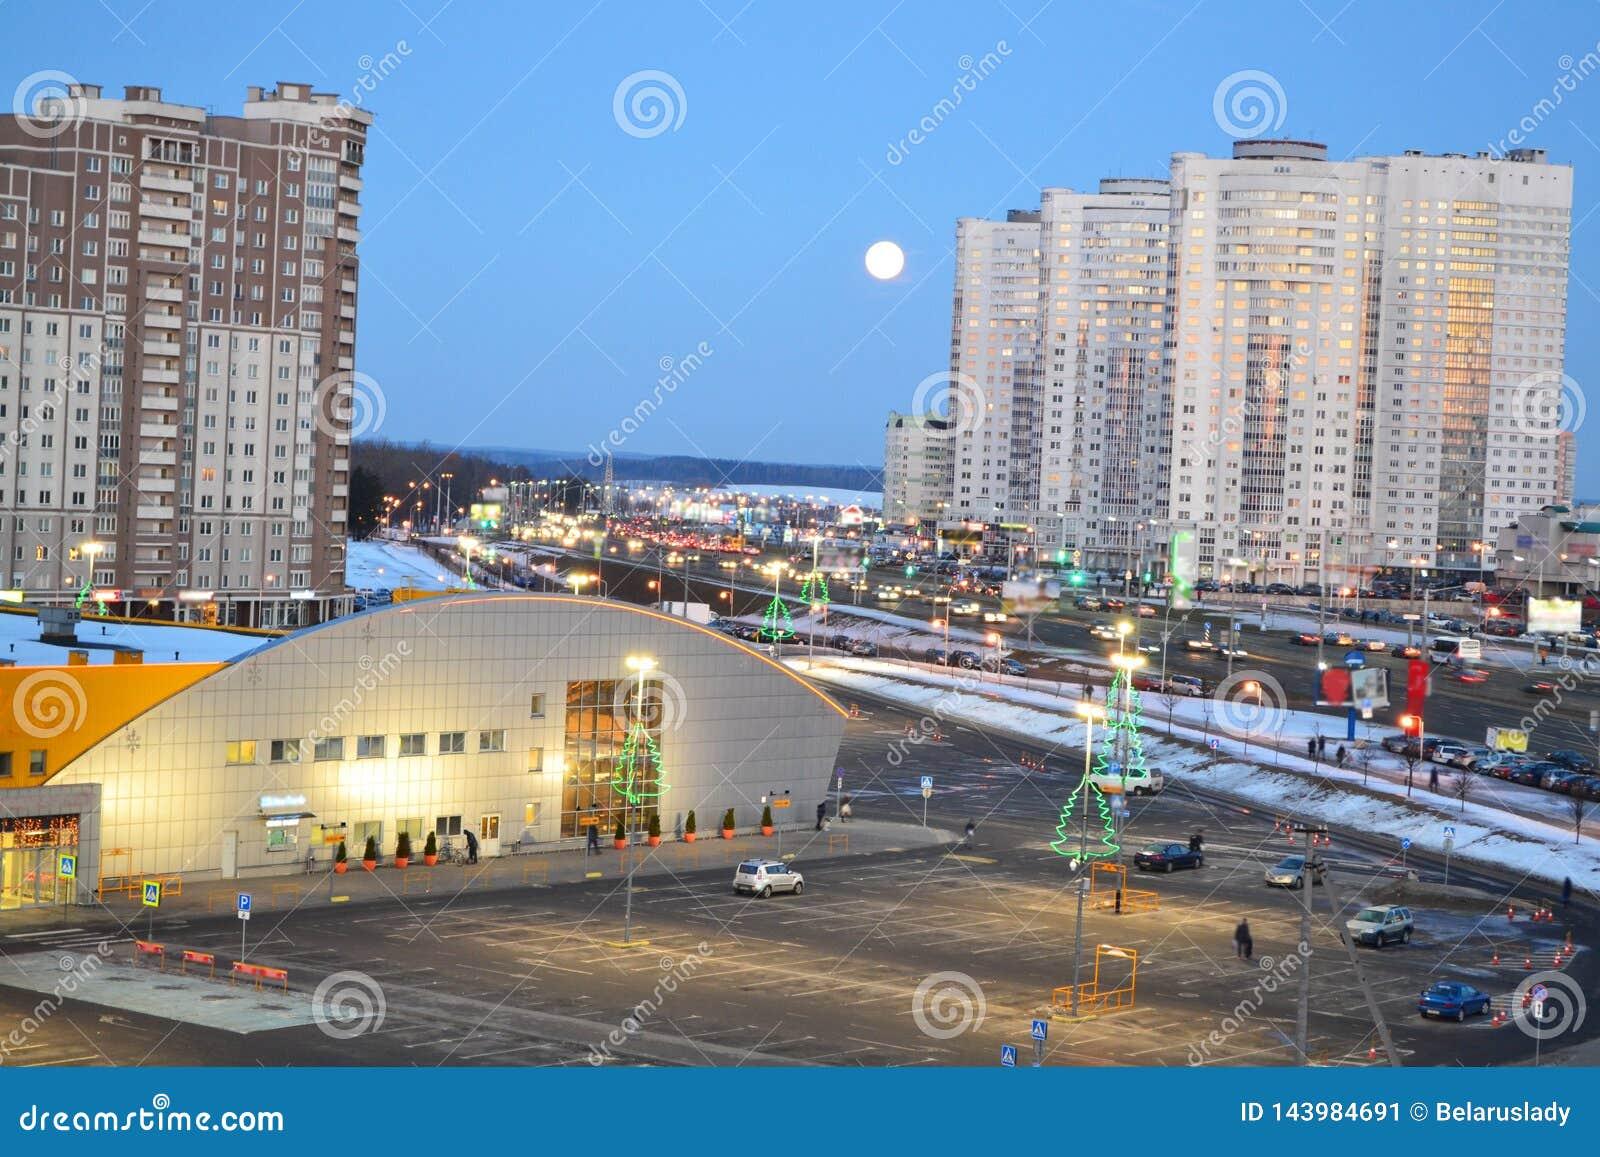 Mooie cityscape met stedelijk de stad in van Minsk, Wit-Rusland Stedelijke landschapsweg De hemel van de nacht